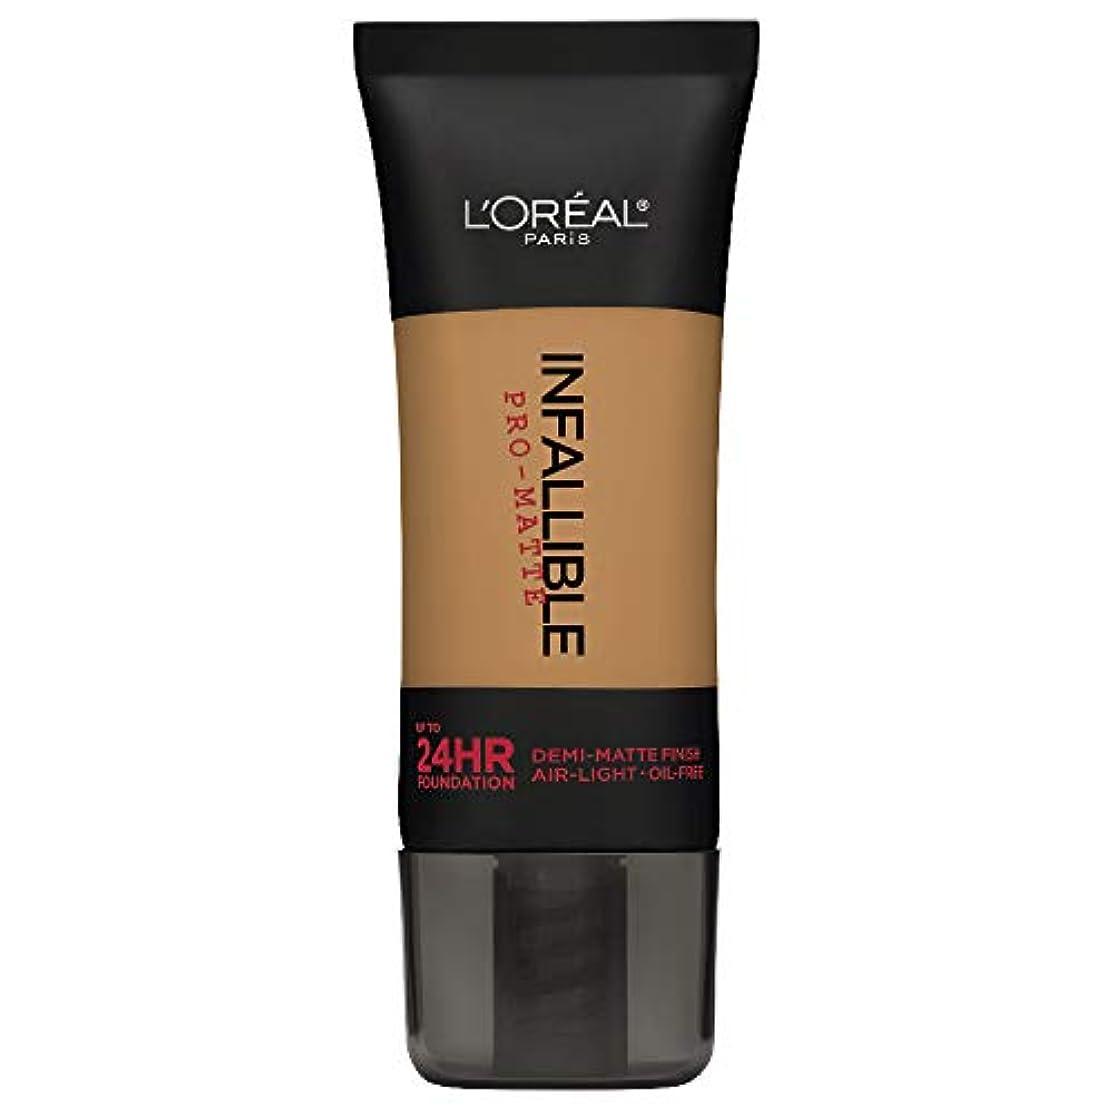 脚本債務者ナラーバーL'Oreal Paris Infallible Pro-Matte Foundation Makeup, 108 Caramel Beige, 1 fl. oz[並行輸入品]